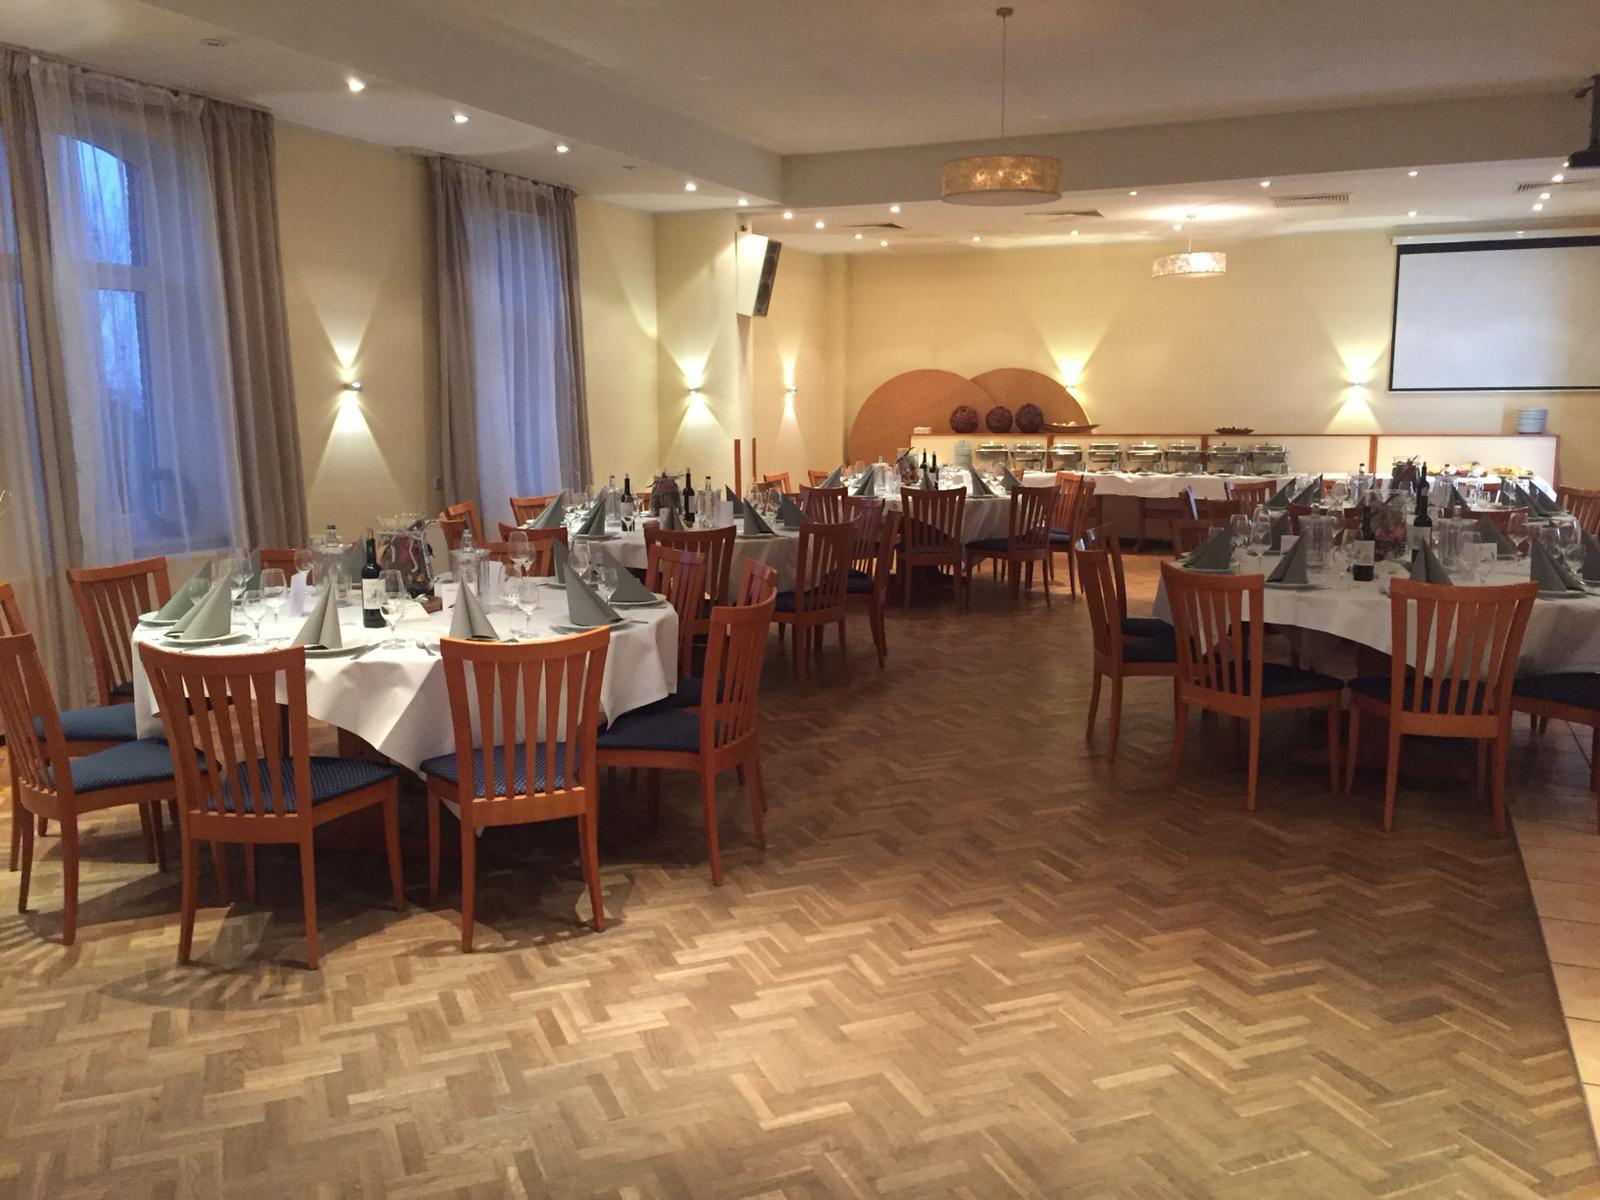 Festsaal2k19 (5)